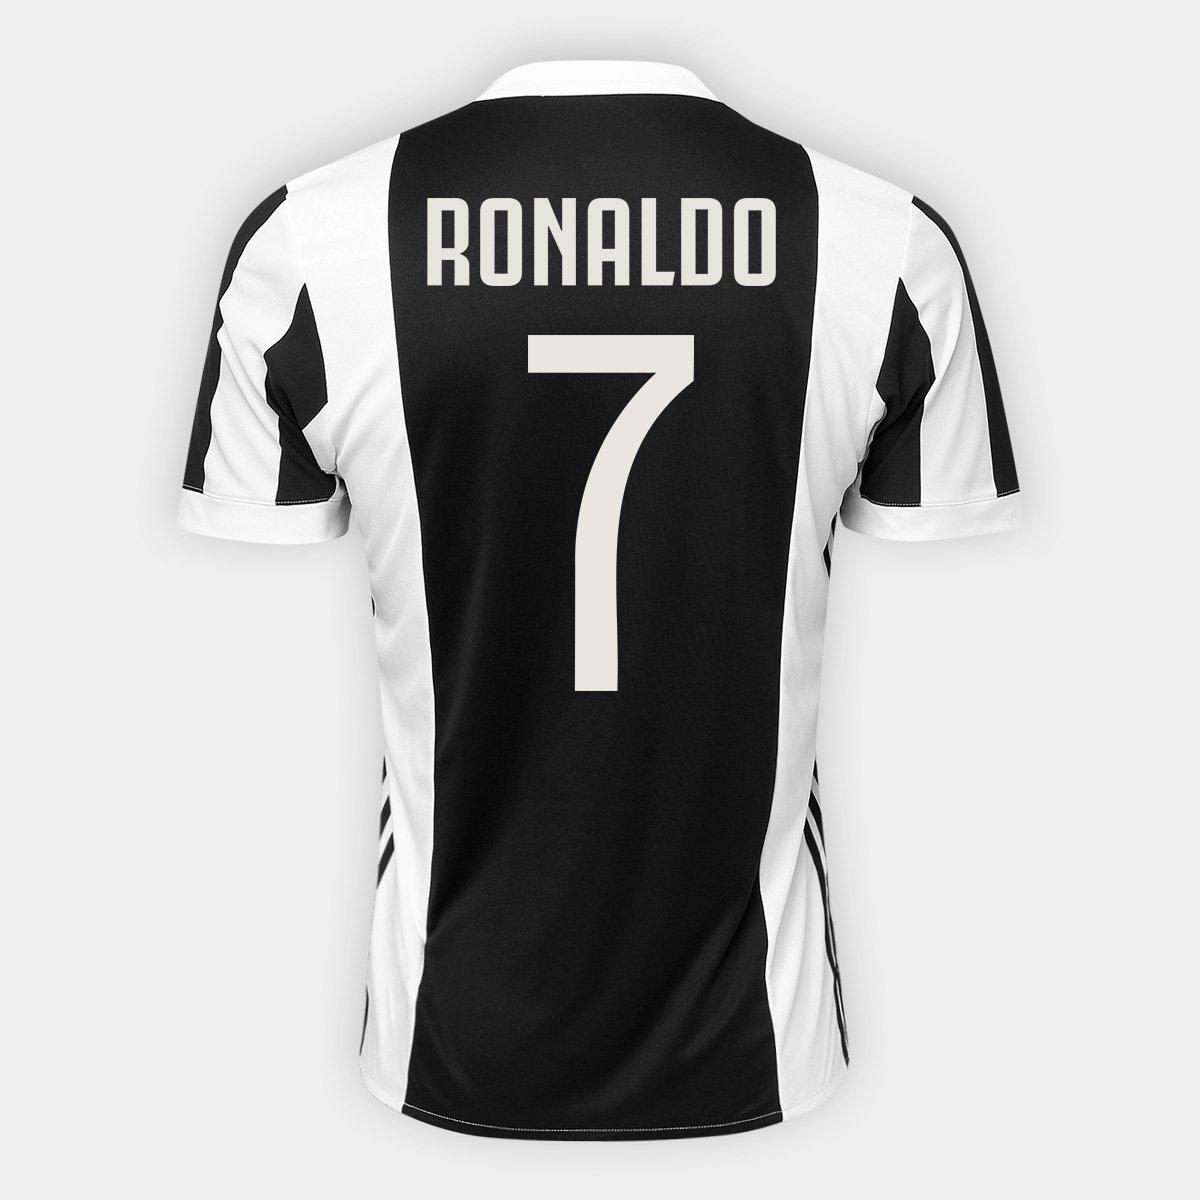 Melancolía amortiguar circulación  Camisa Juventus Home 17/18 nº 7 Ronaldo - Torcedor Adidas Masculina |  Netshoes